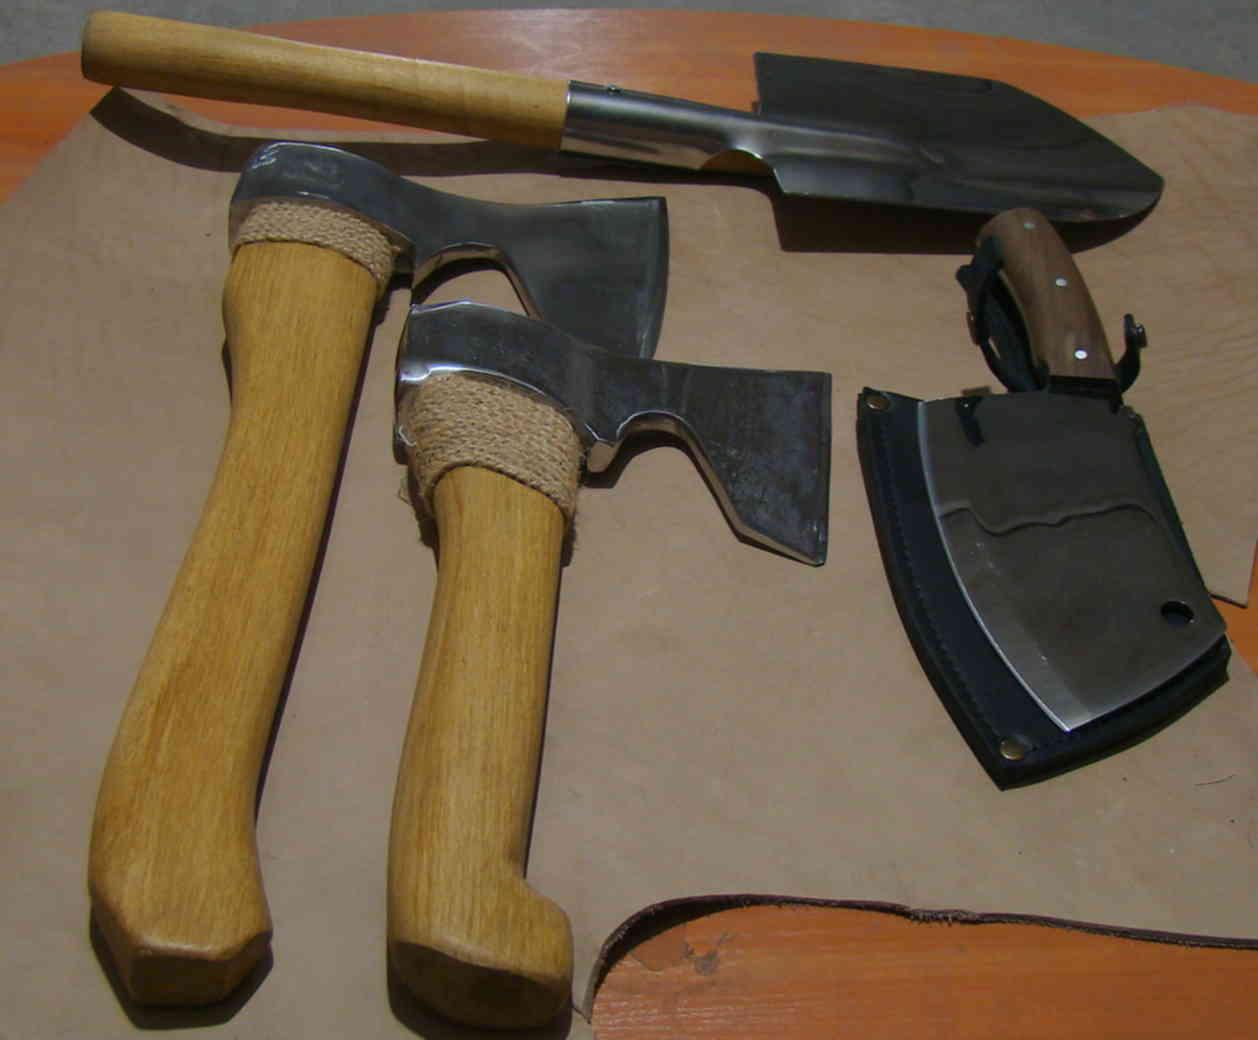 Топор из дерева: особенности выбора древесины для изготовления деревянных моделей. как сделать топорик своими руками?